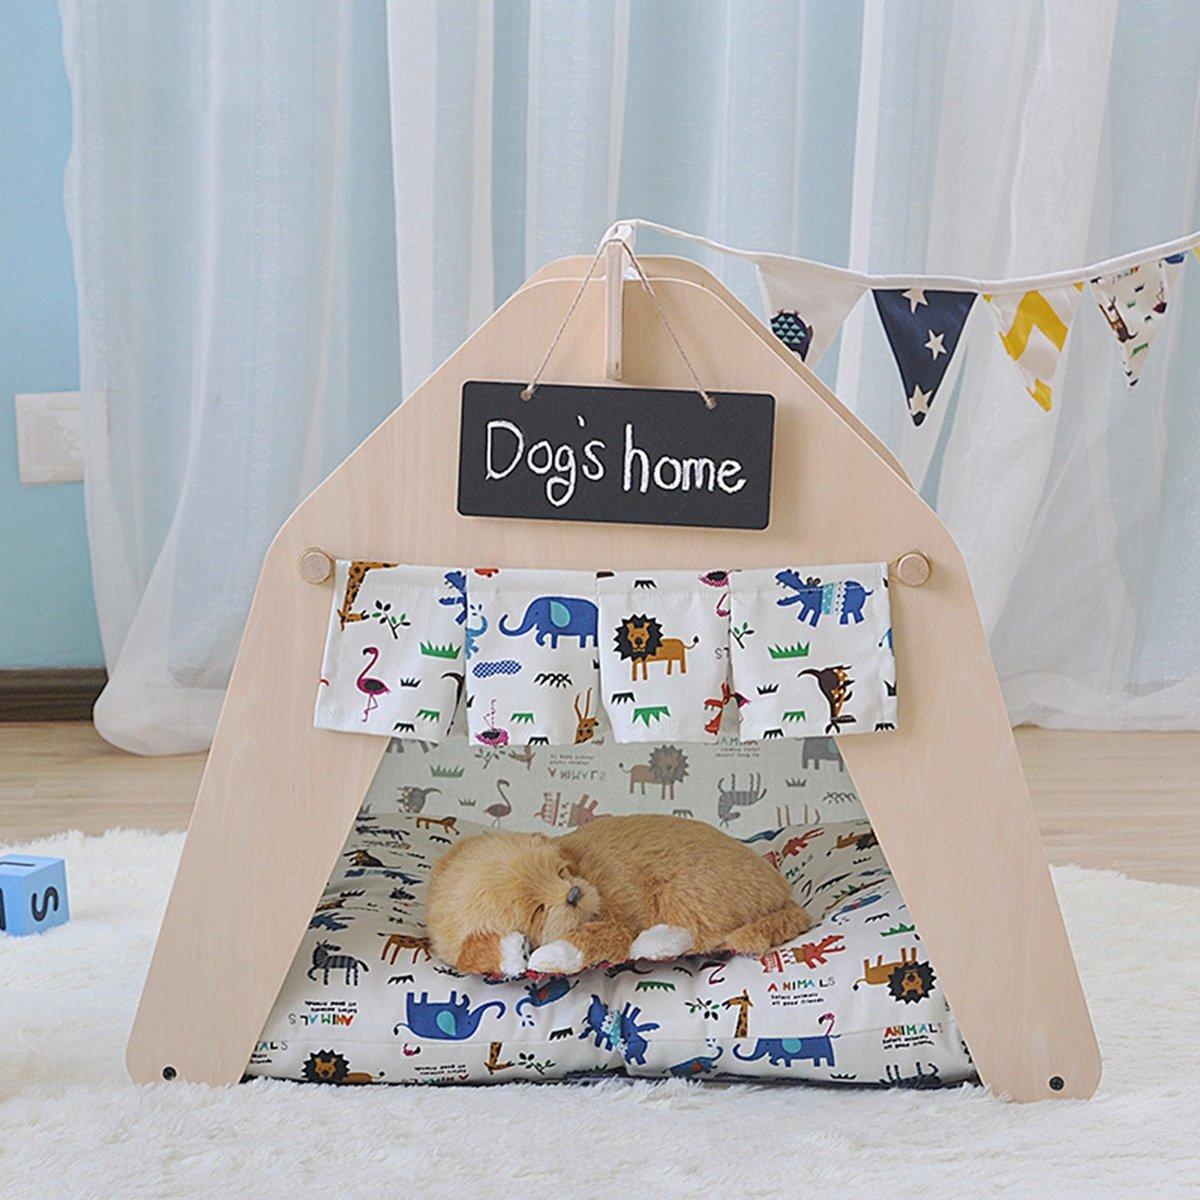 shanzhizui Casa de Mascotas DIY Tienda de Mascotas Casa de Perro Nido de Gato Cama de Perro Primavera y Verano Otoño e Invierno Cuatro Estaciones ...